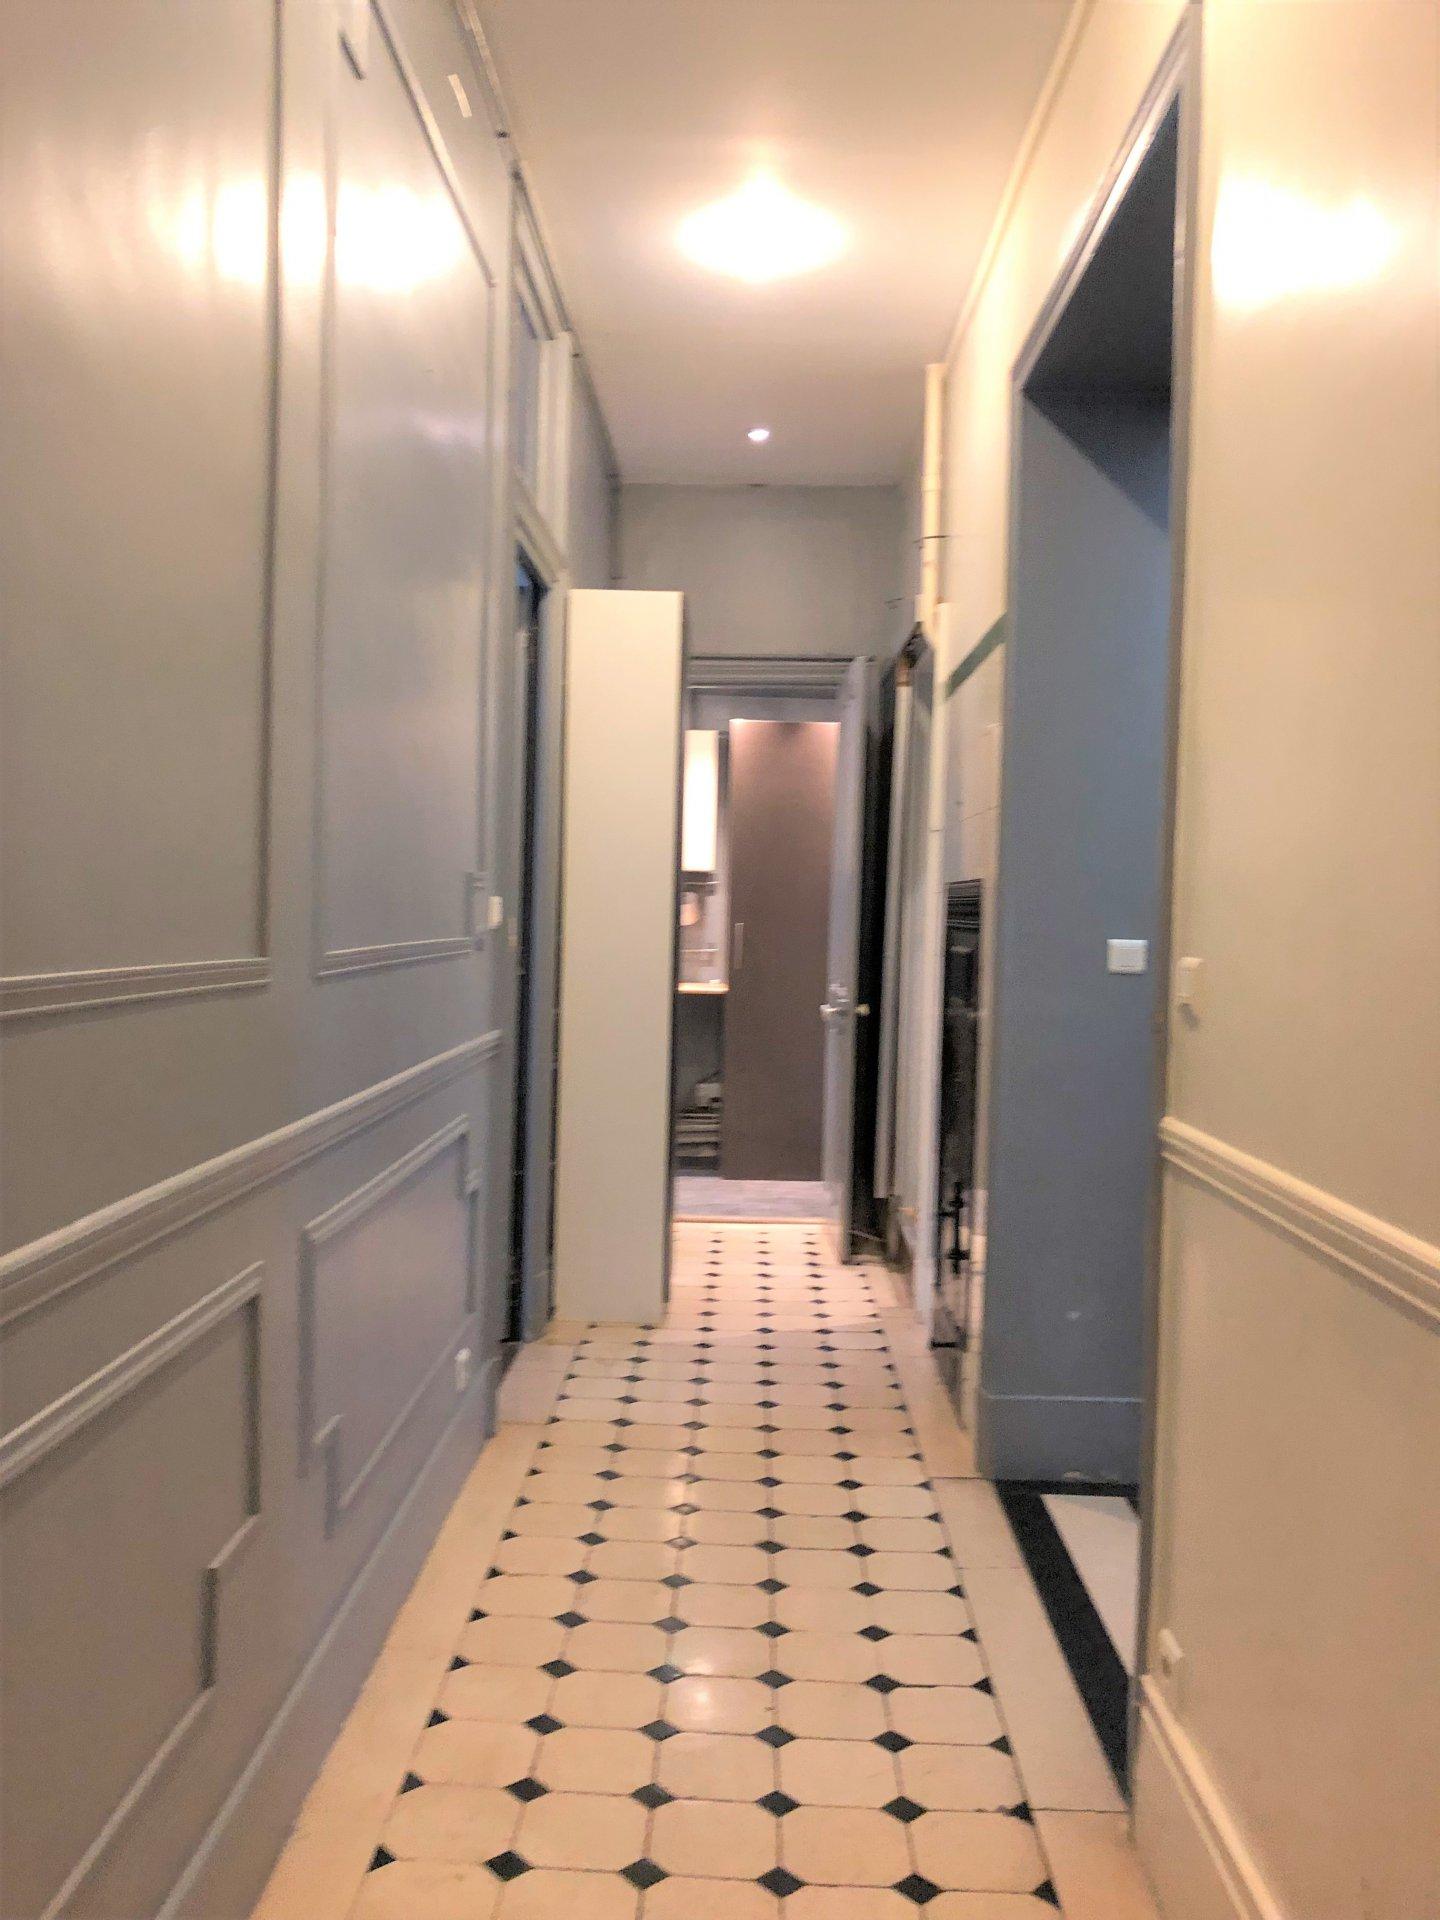 Couloir à l'ancienne desservant toutes les pièces